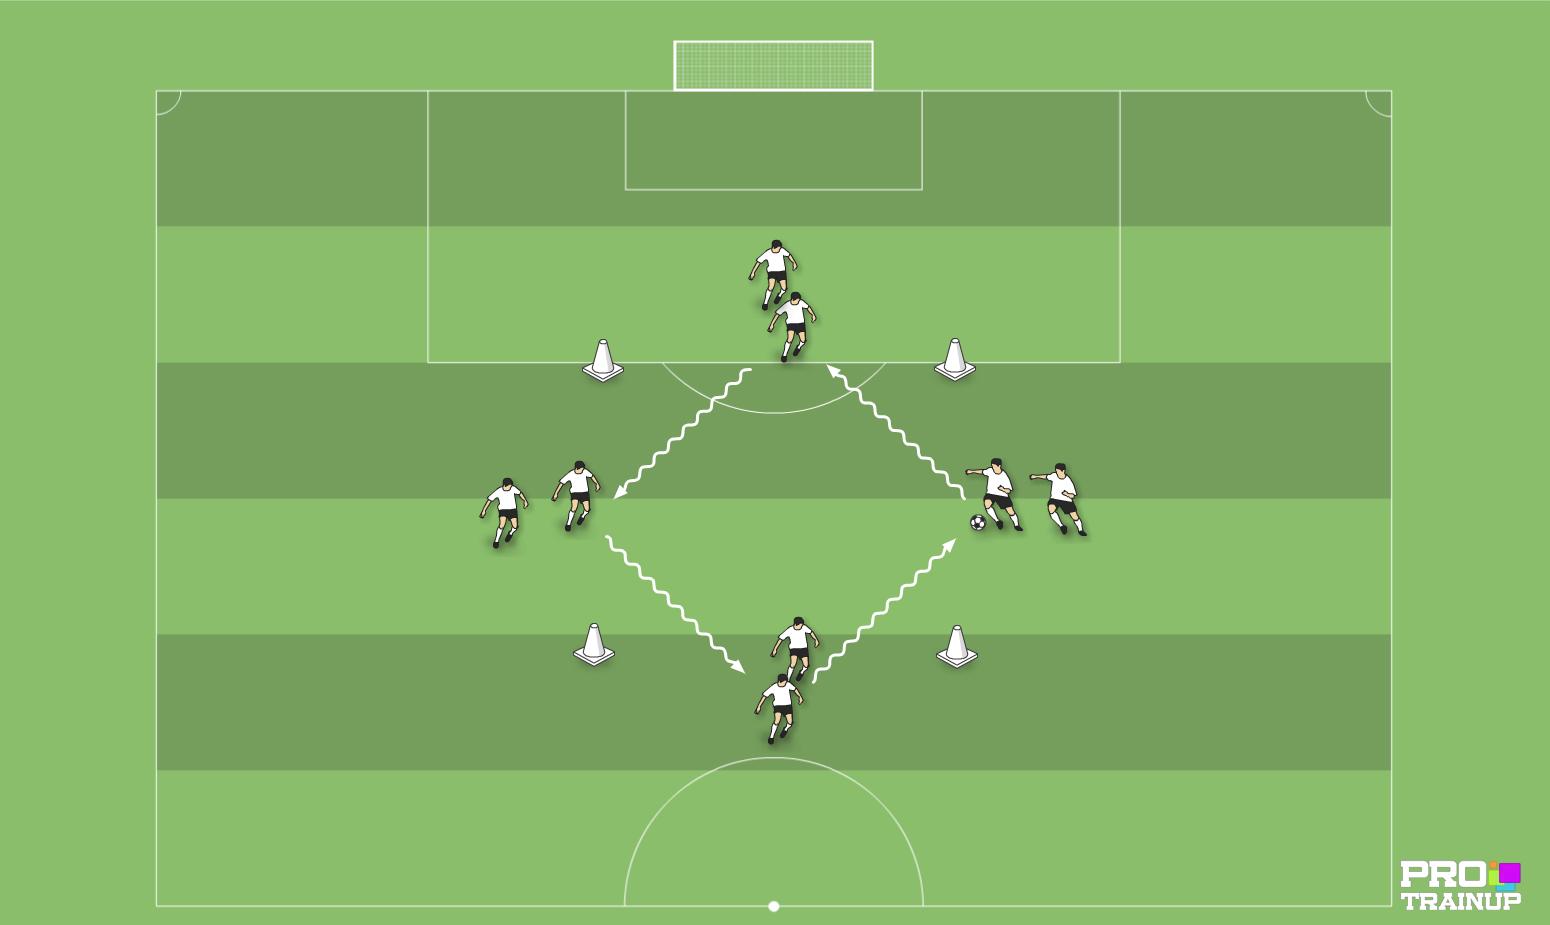 prowadzenie piłki po obwodzie 4x4